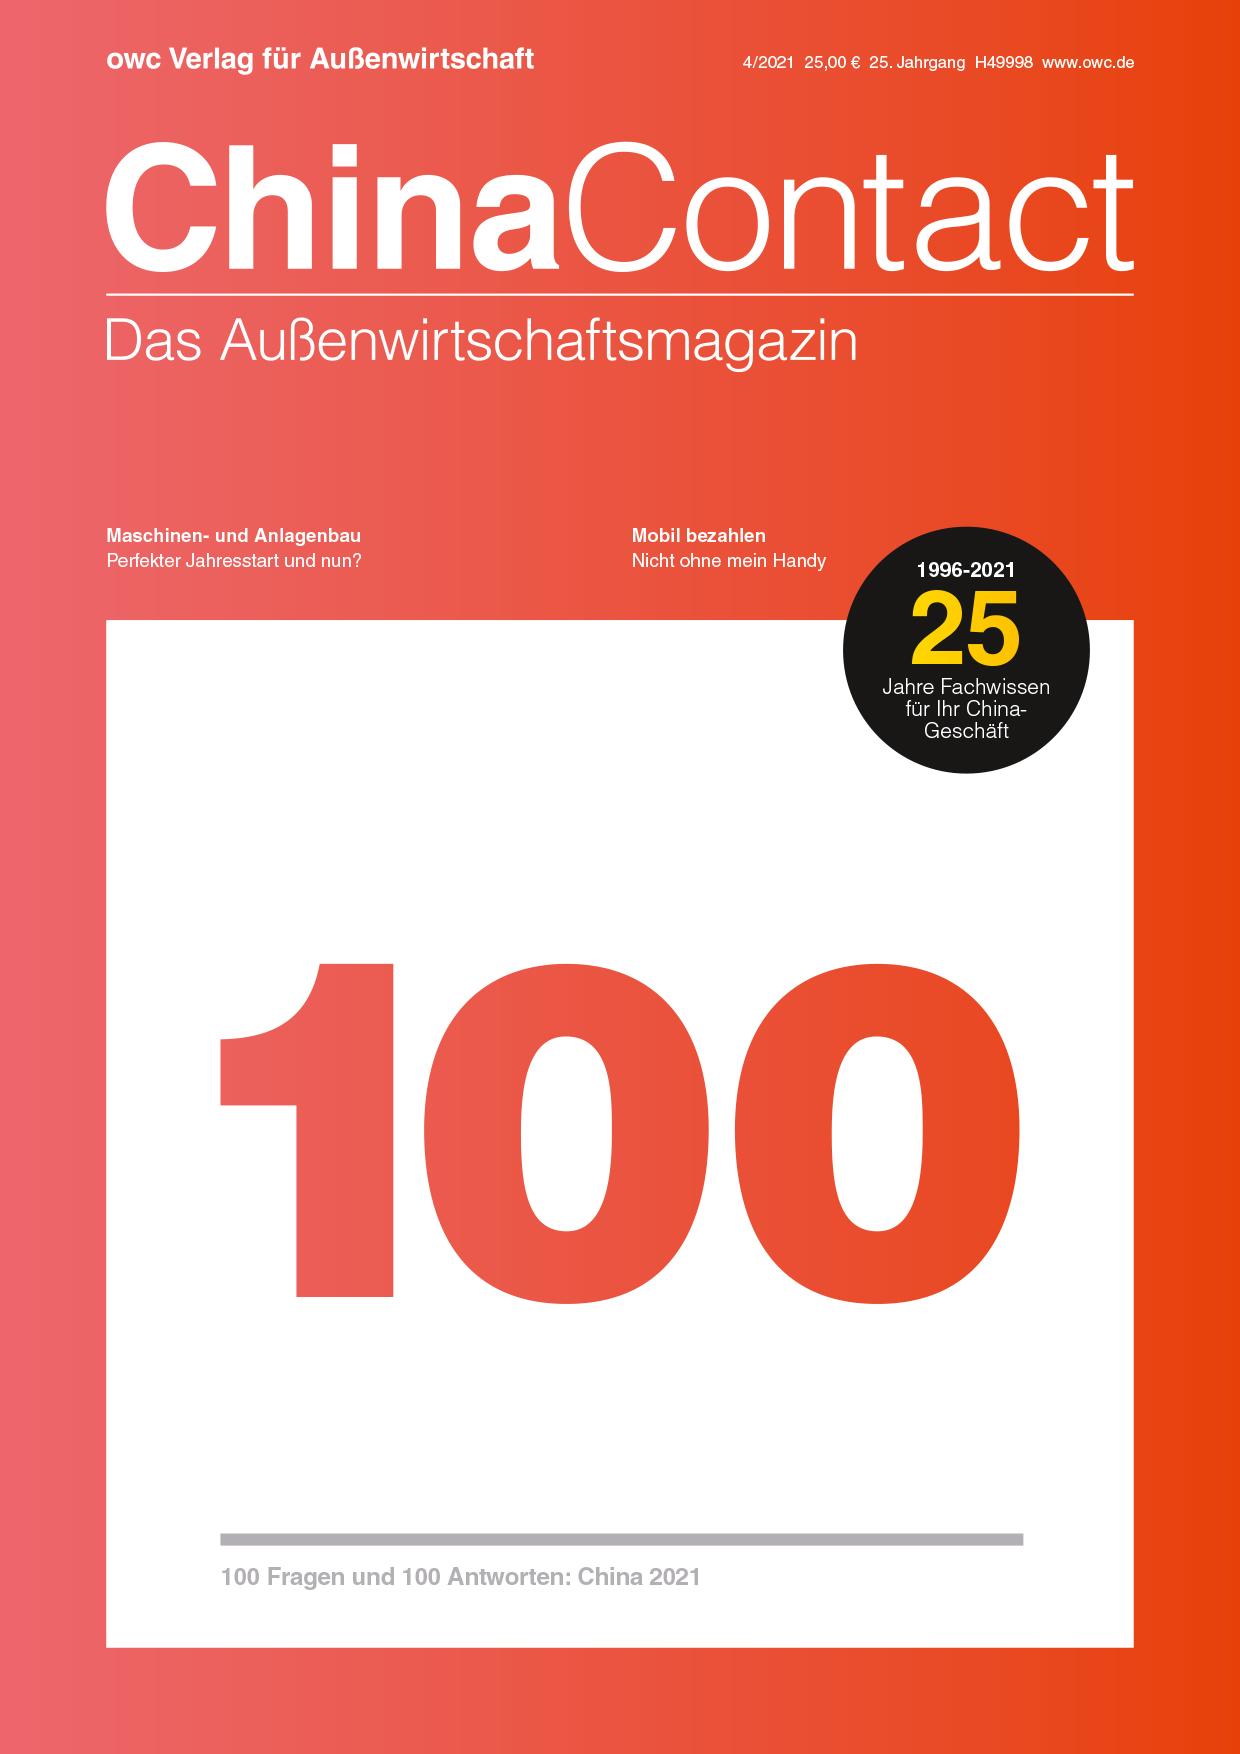 https://owc.de/wp-content/uploads/2021/09/CC_4-2021-cover-Kopie.jpg